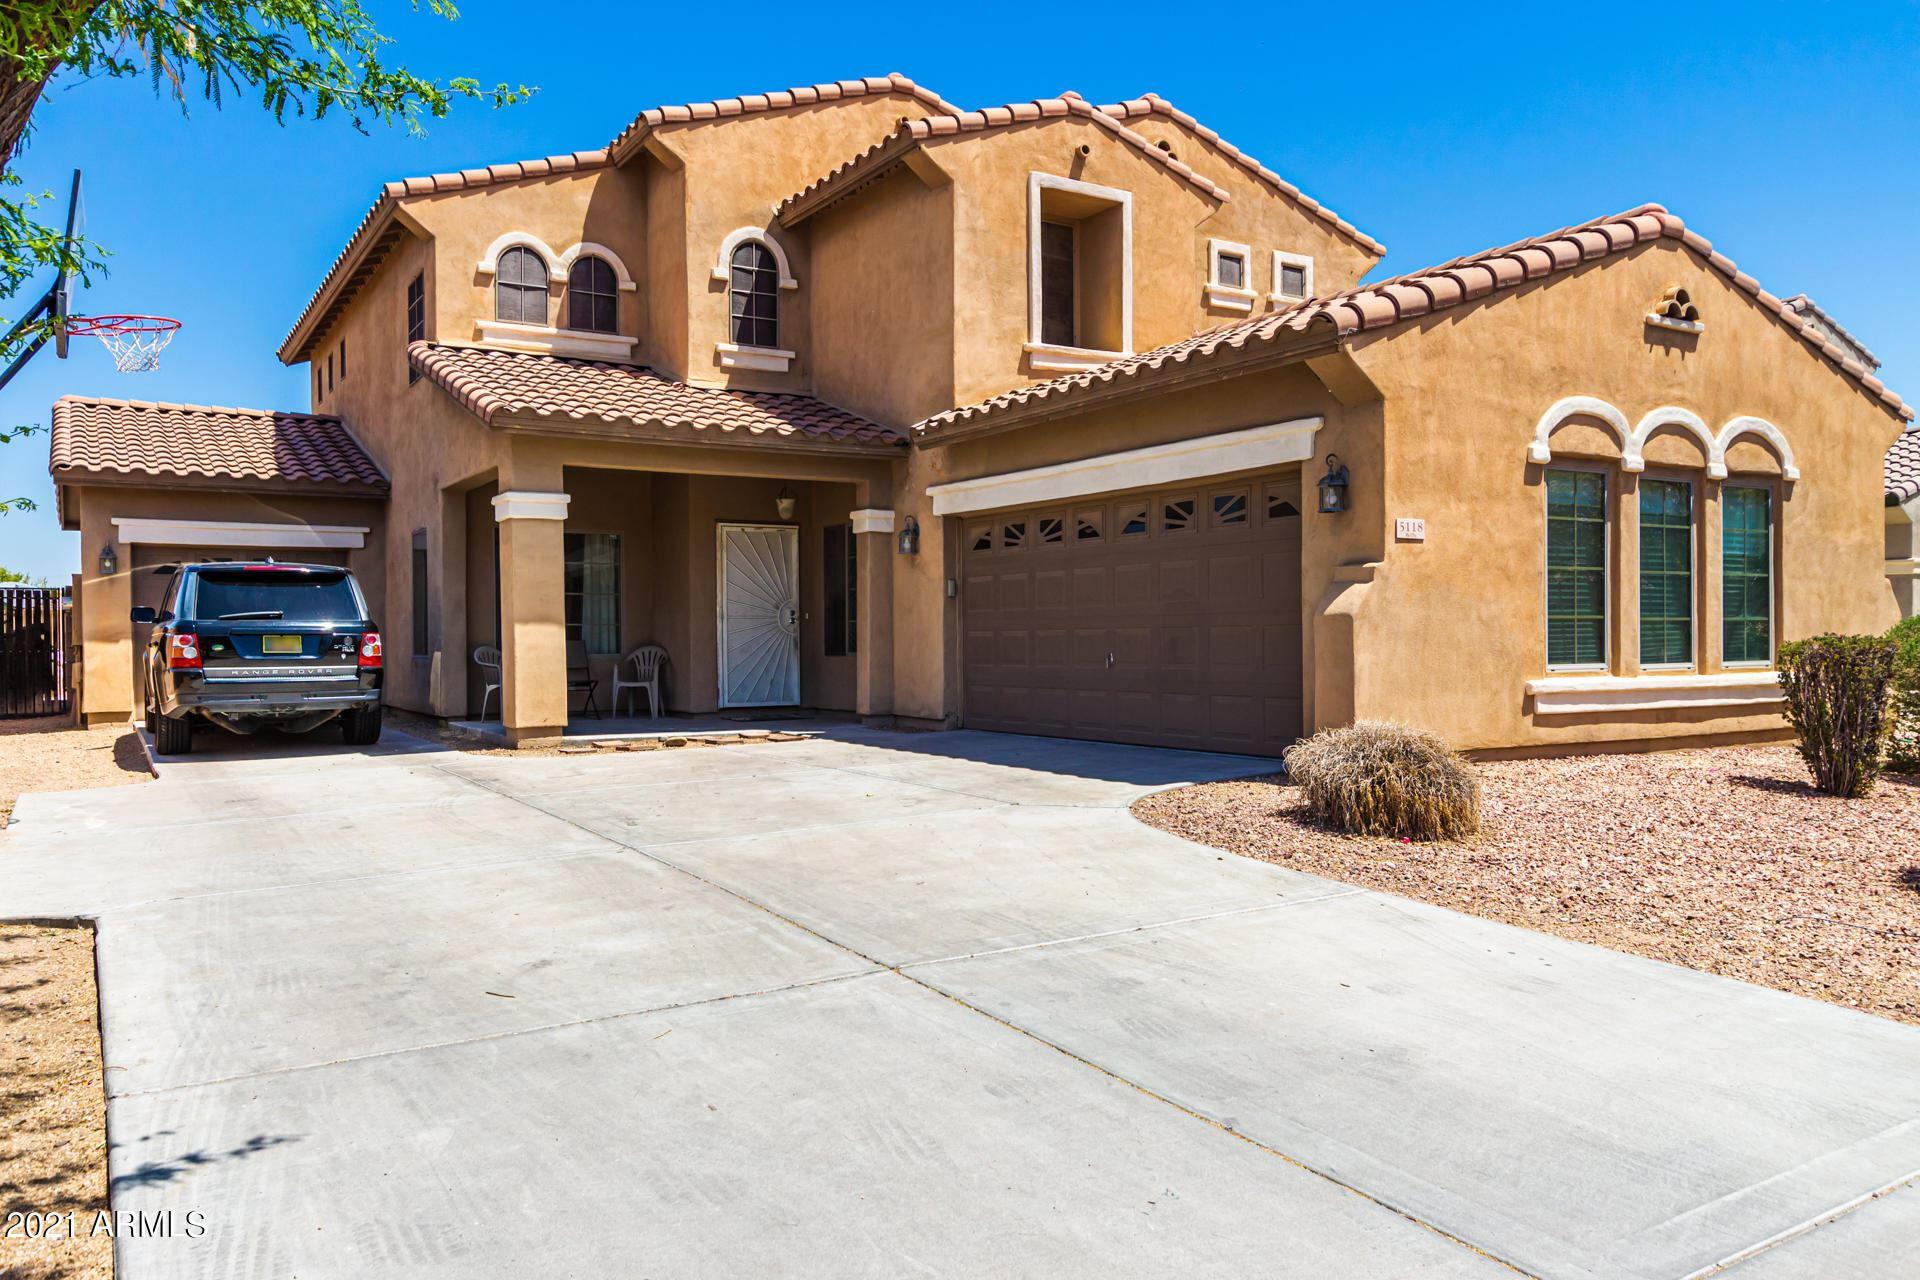 5118 W MELODY Lane, Laveen, AZ 85339 - MLS#: 6235855